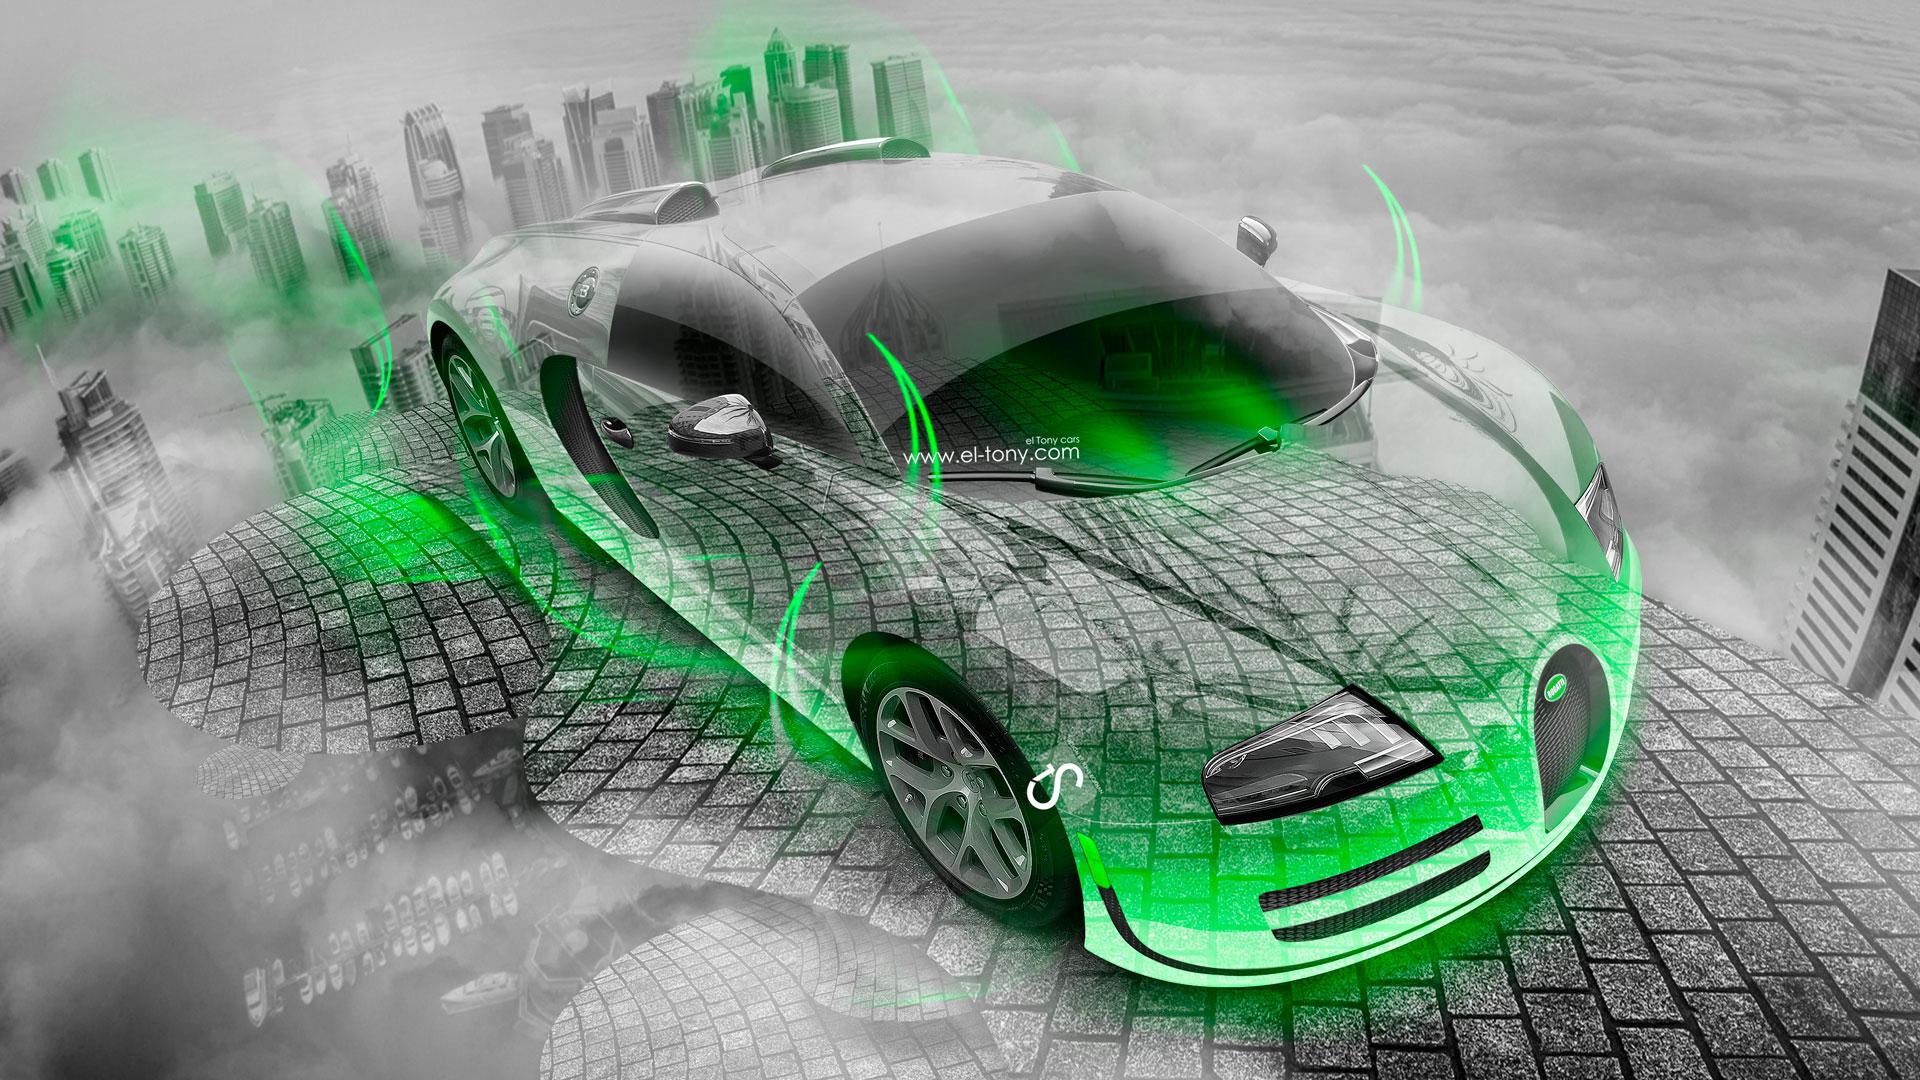 lime green bugatti veyron wallpaper - photo #3